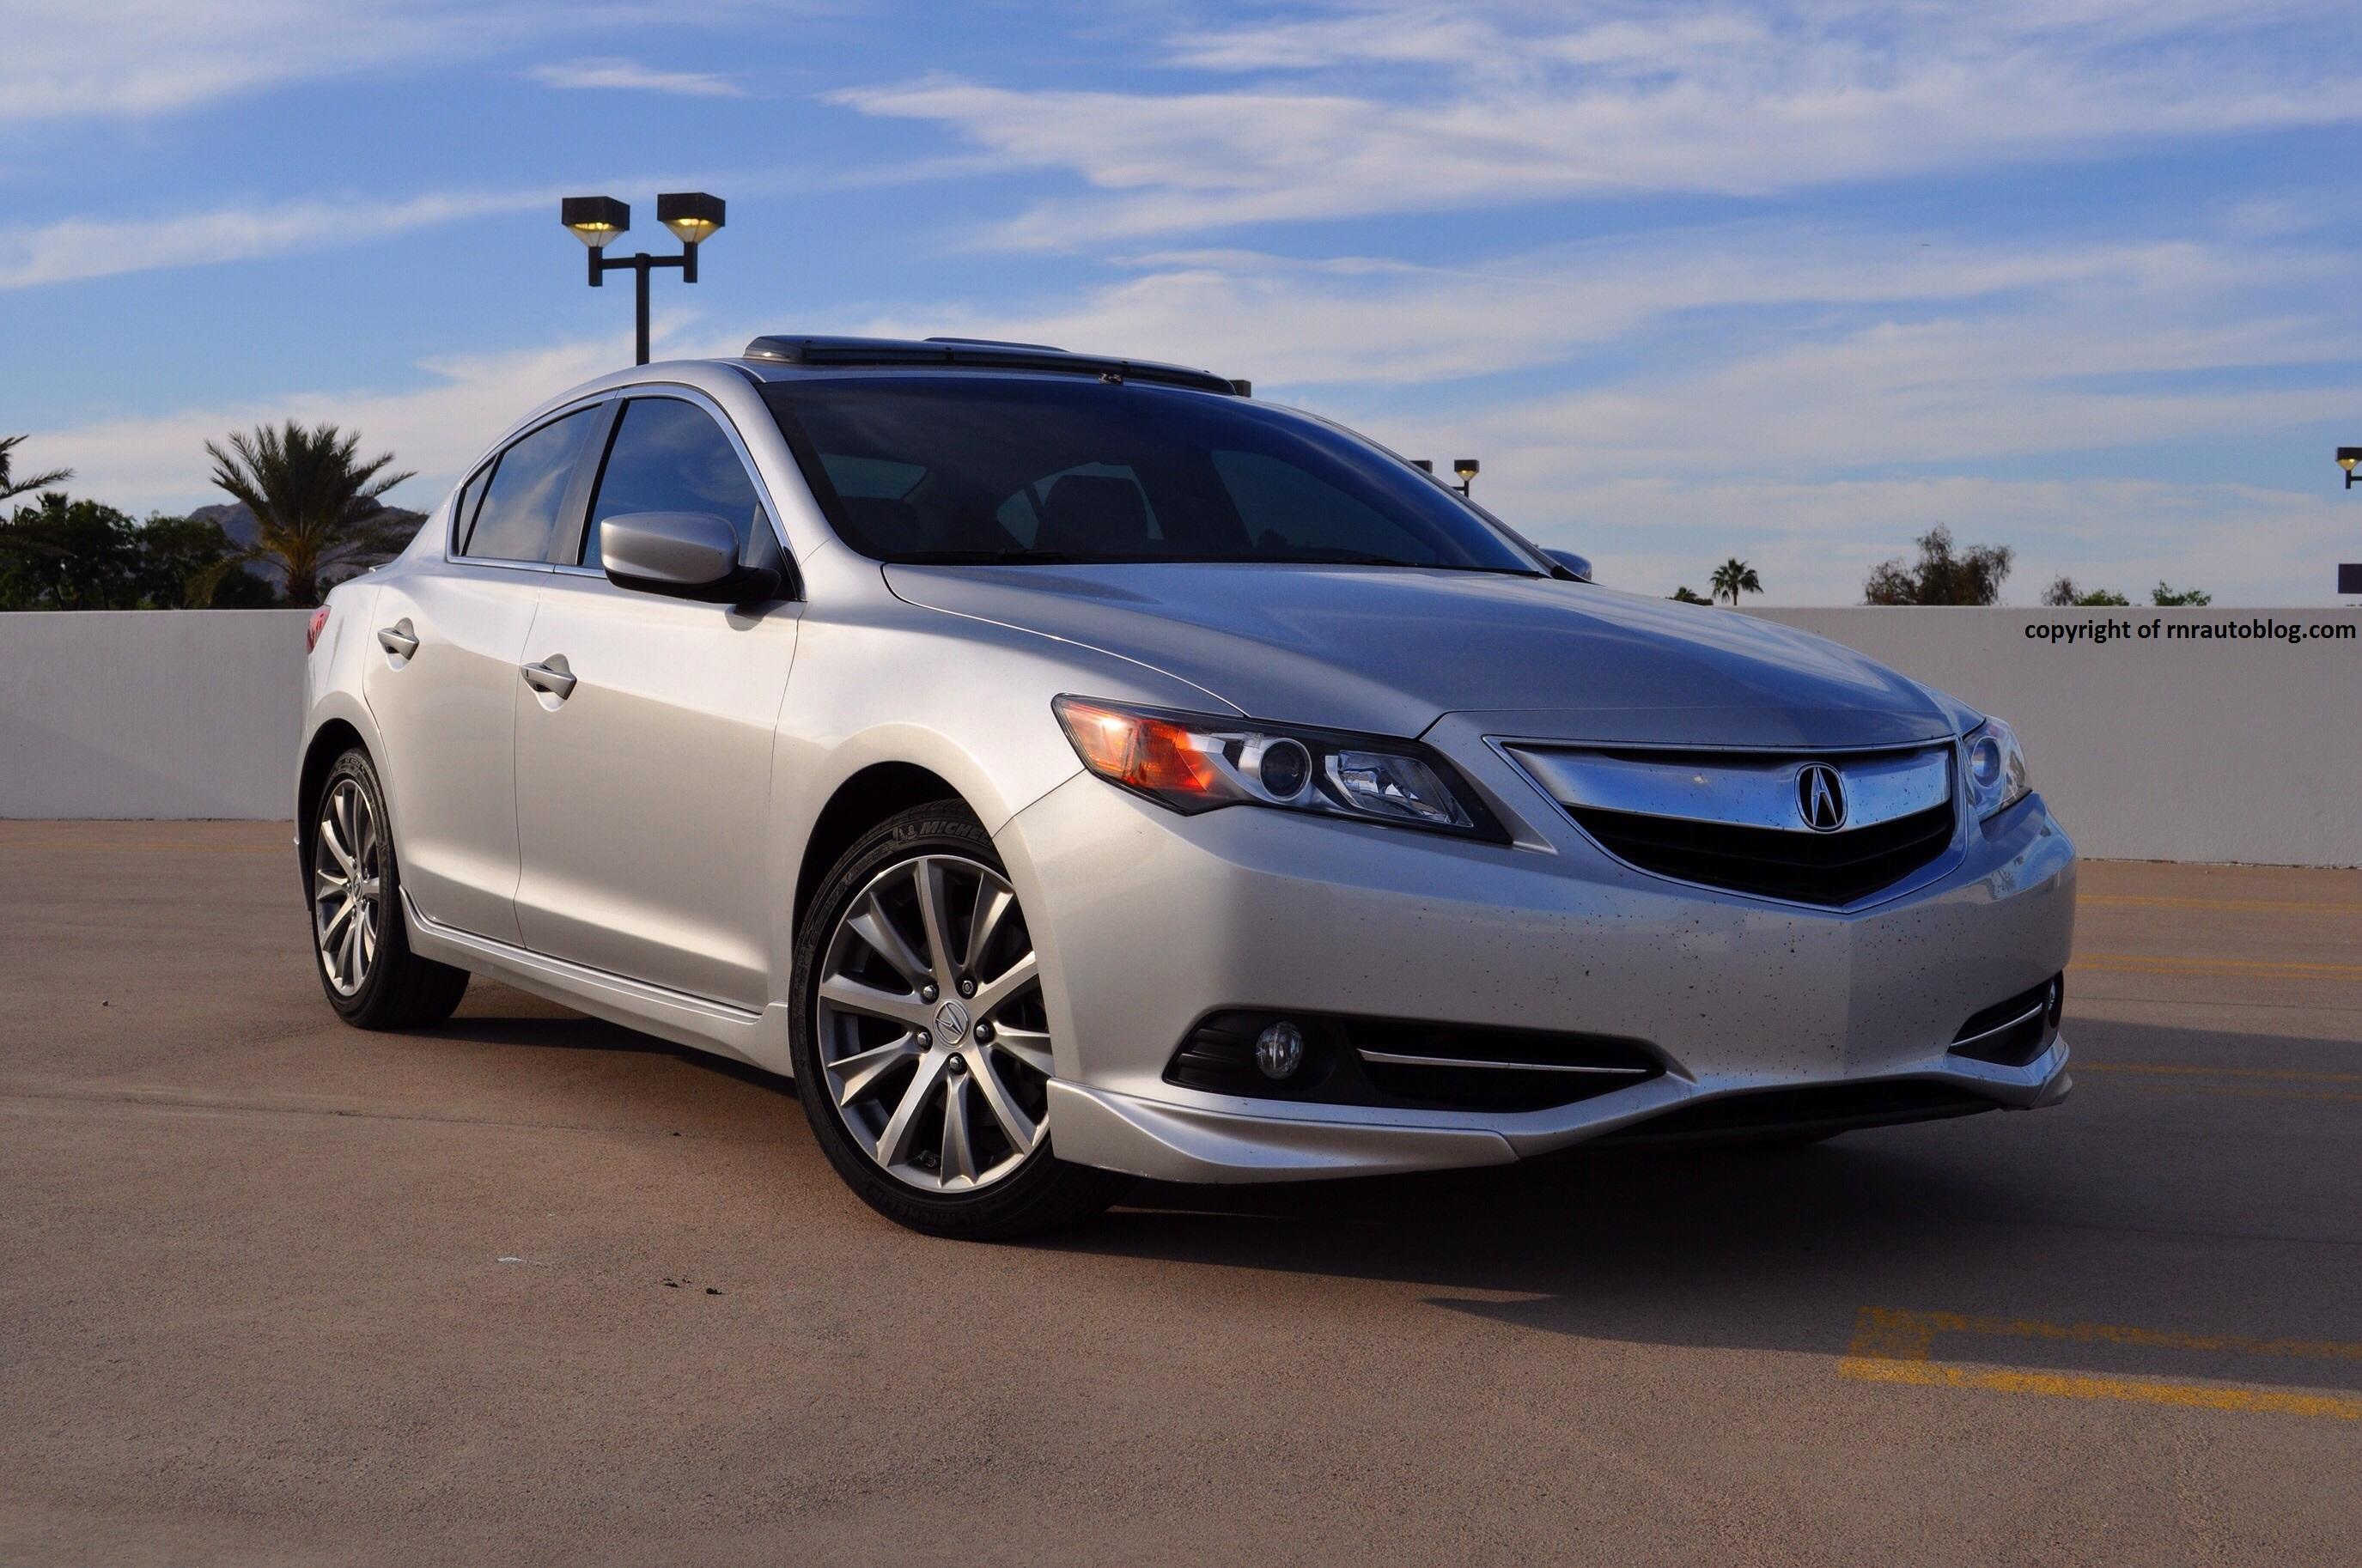 2013 Acura ILX 2.4 Teaser   RNR Automotive Blog